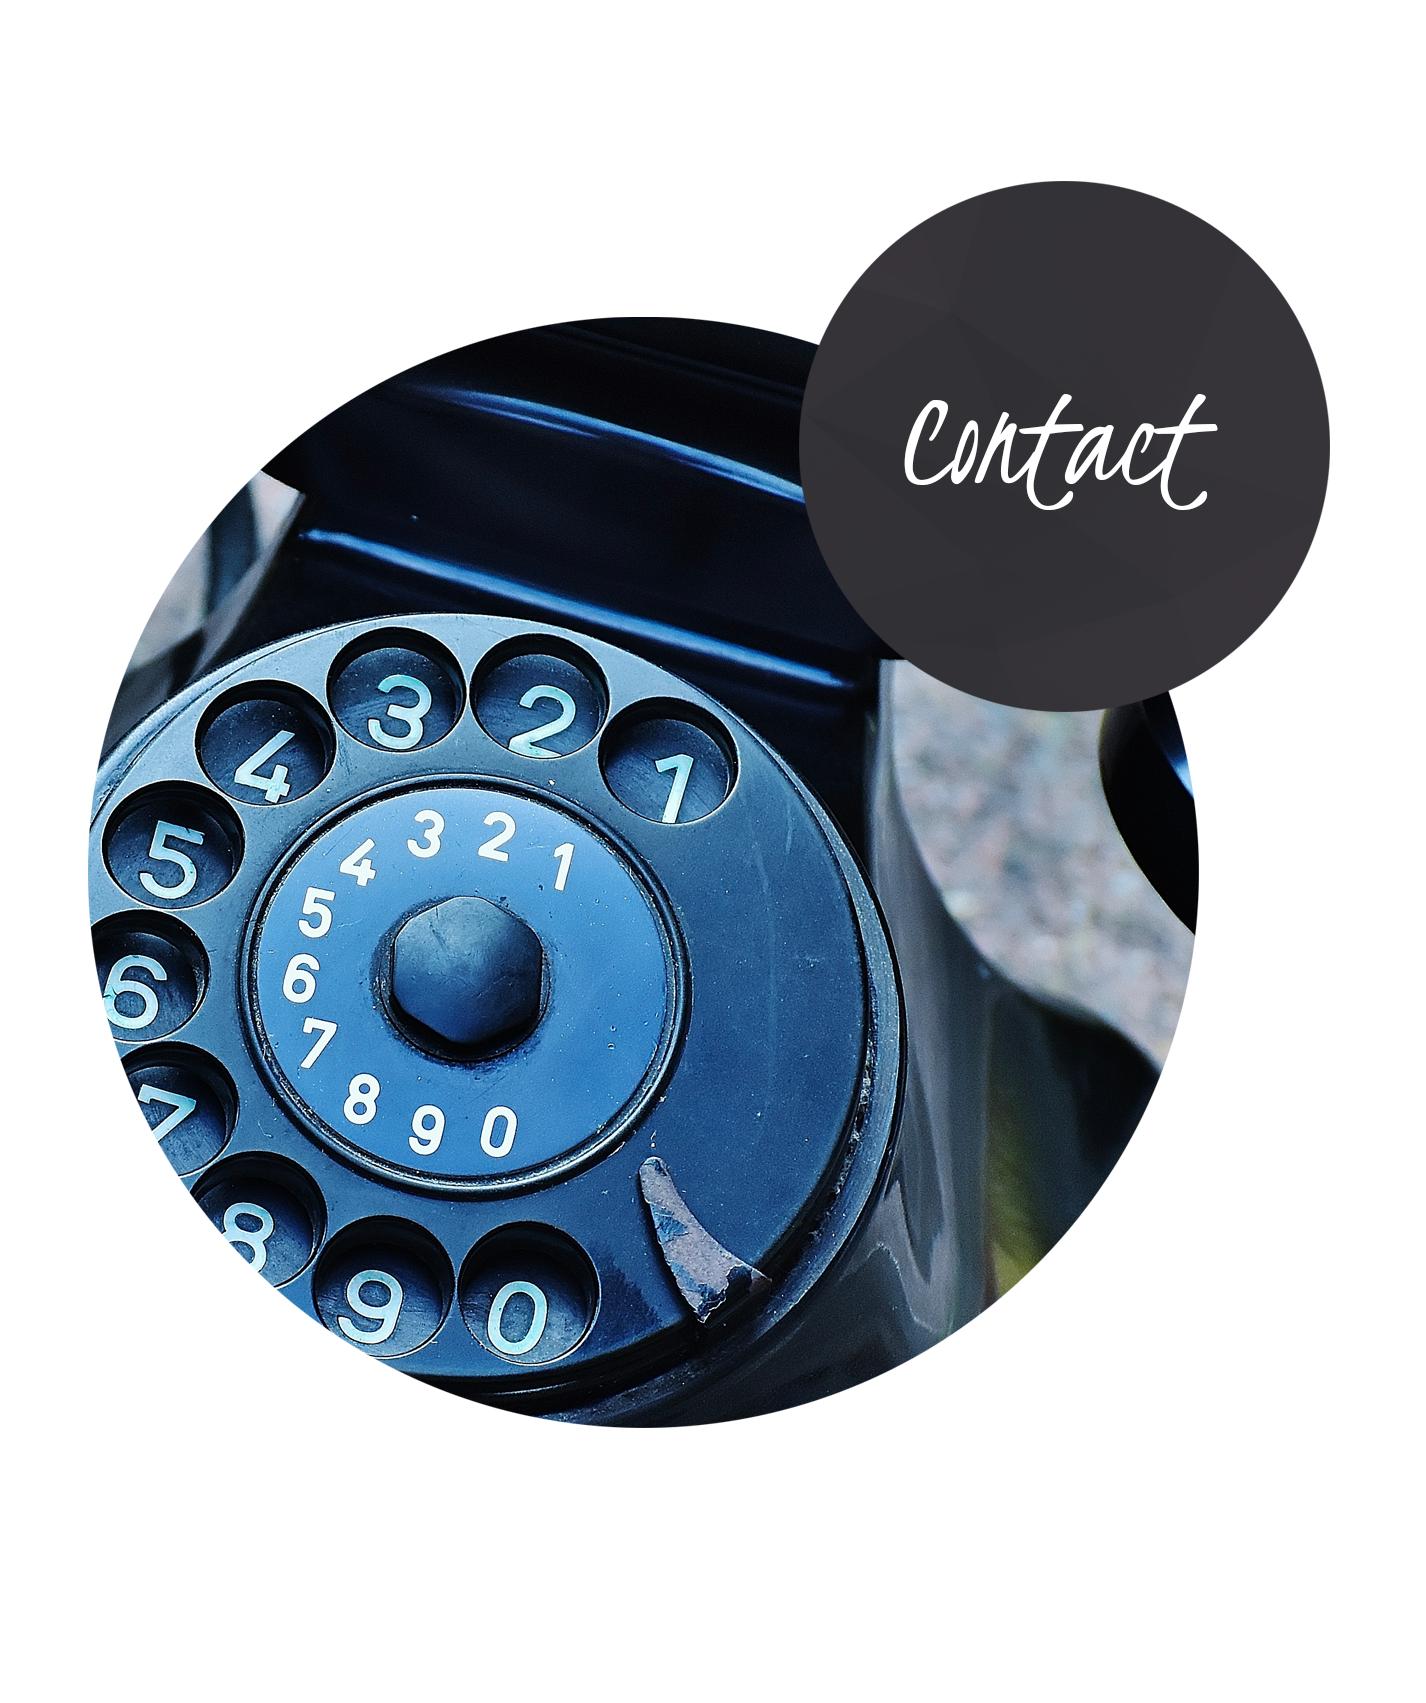 Contacter Sandrine Touze pour votre stratégie digitale & référencement